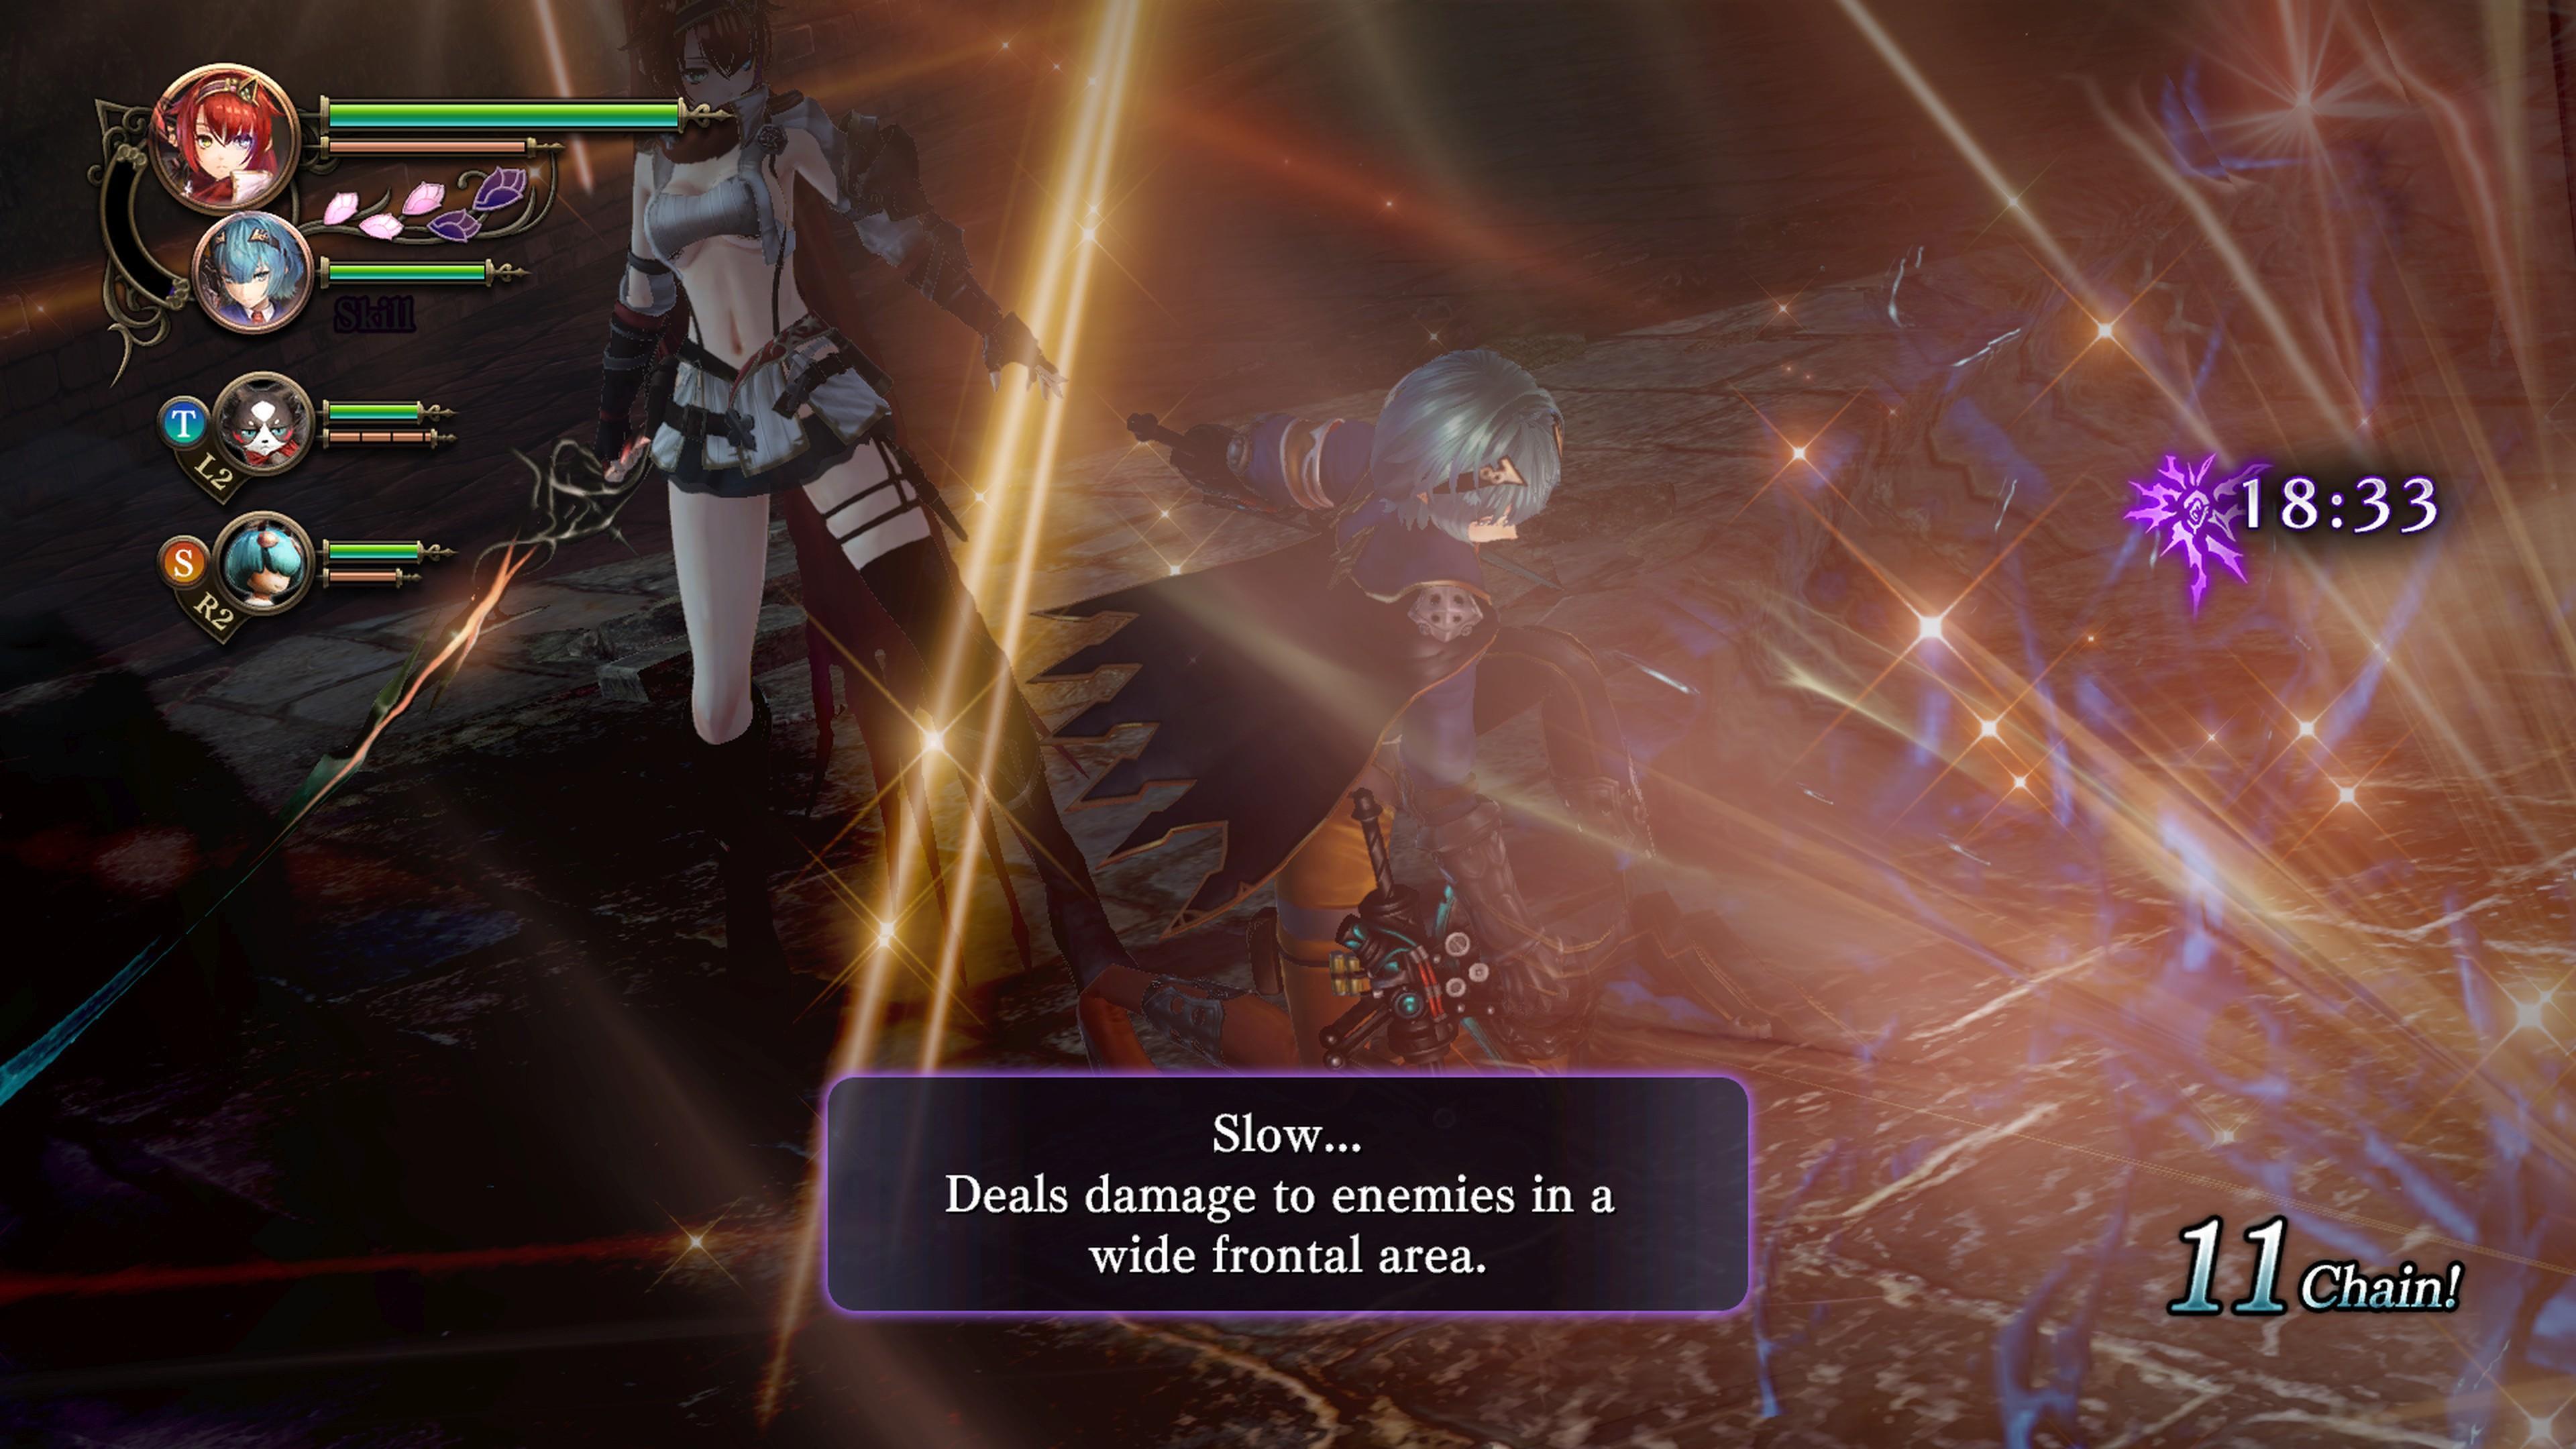 Detaily bojového sytému Nights of Azure 2 a bonusy po vydání 149821